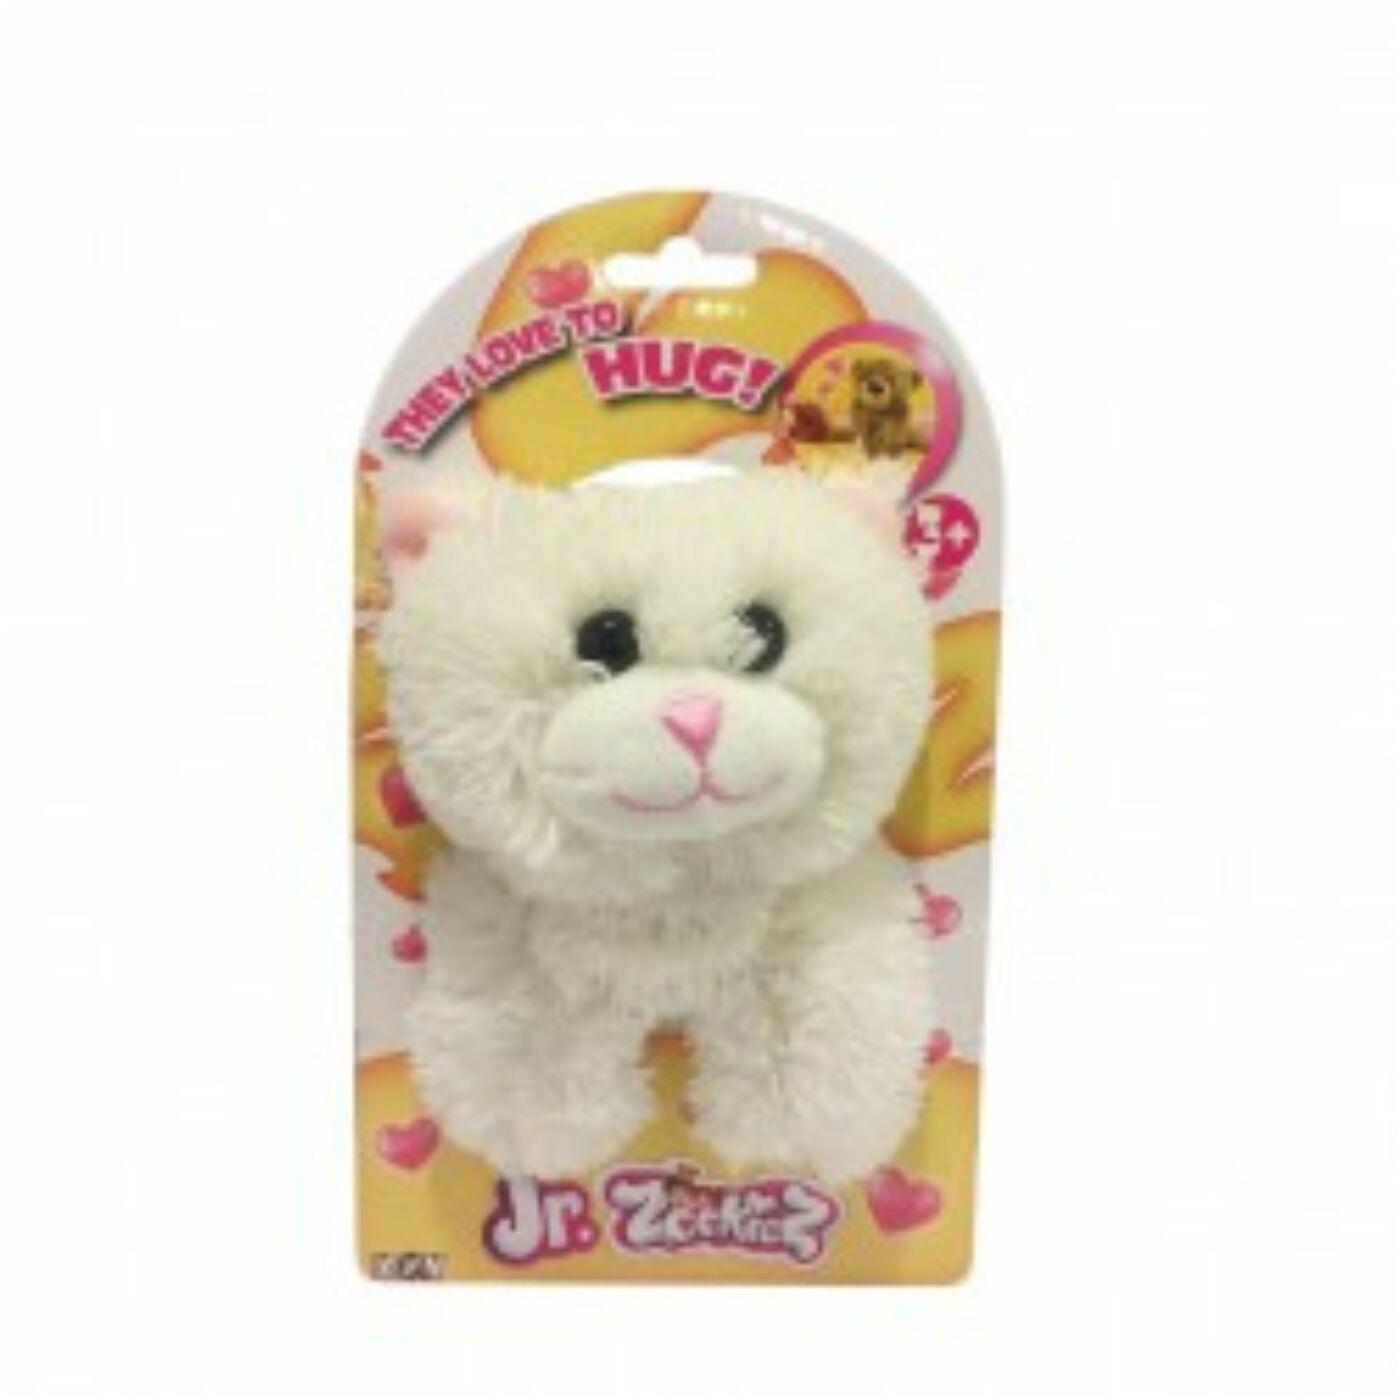 Zookies fehér cica kicsi